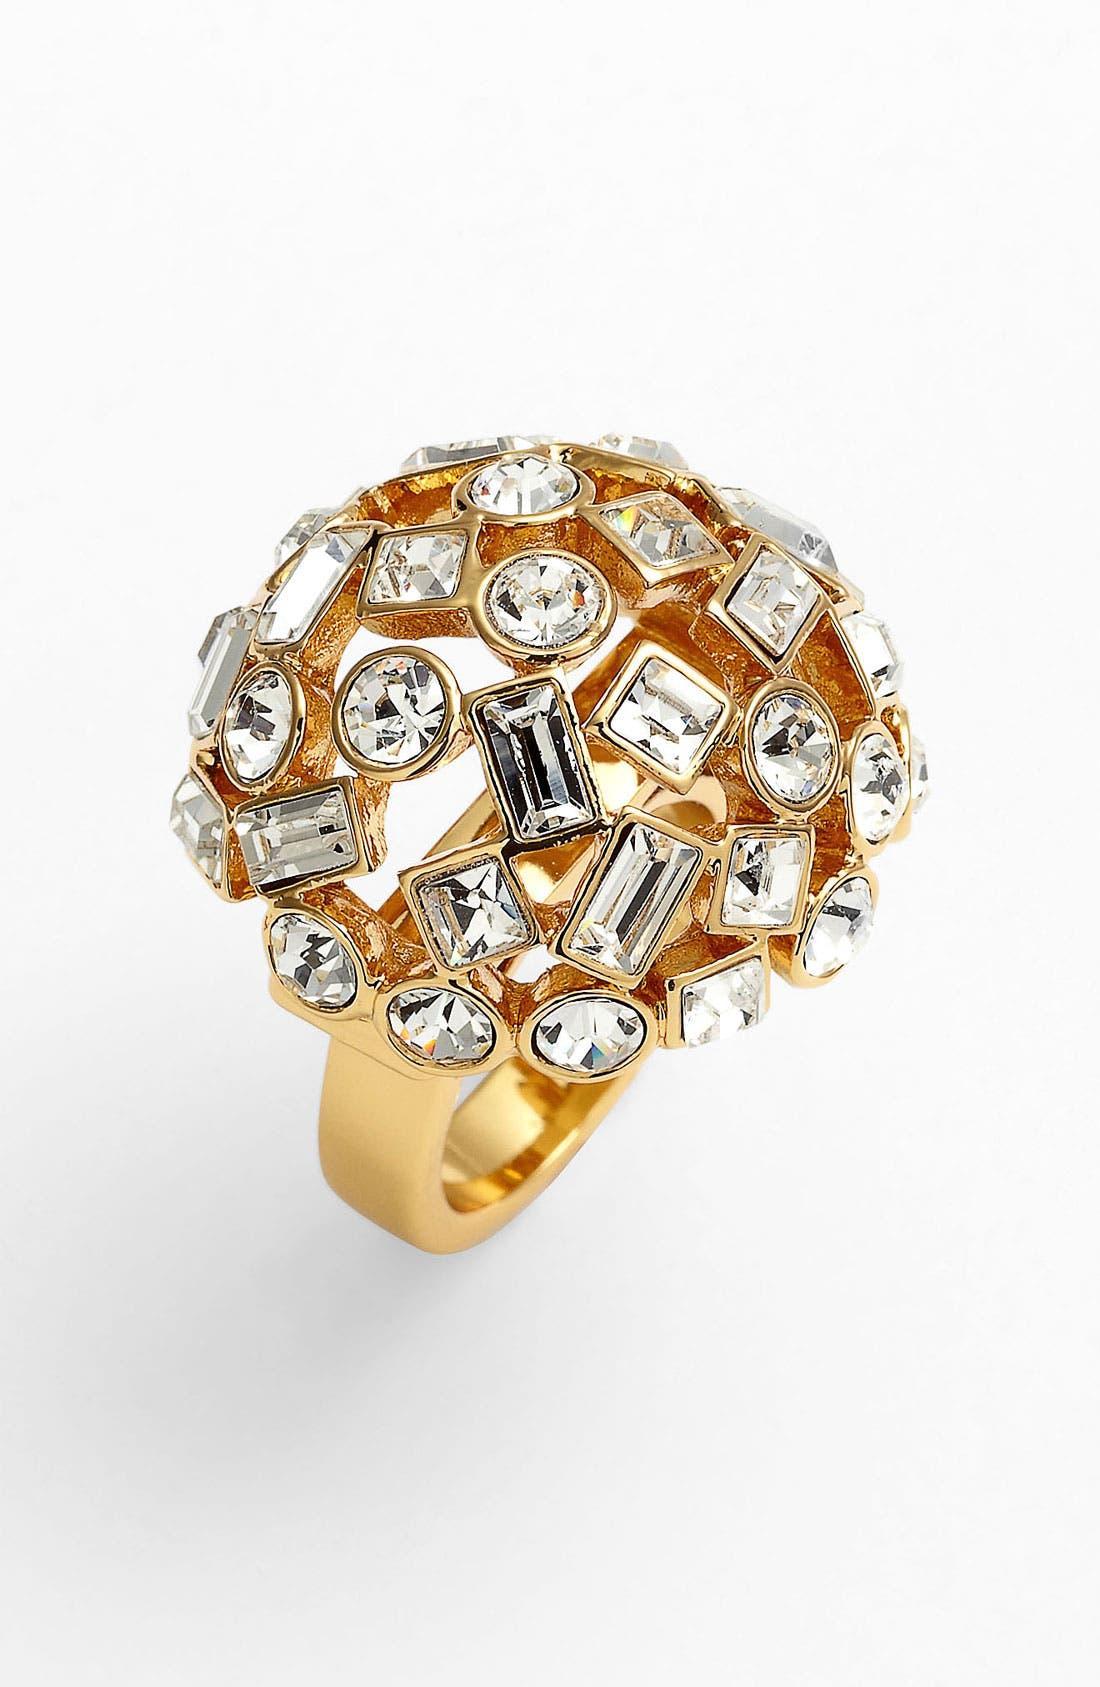 Main Image - kate spade new york 'kaleidoball' dome ring